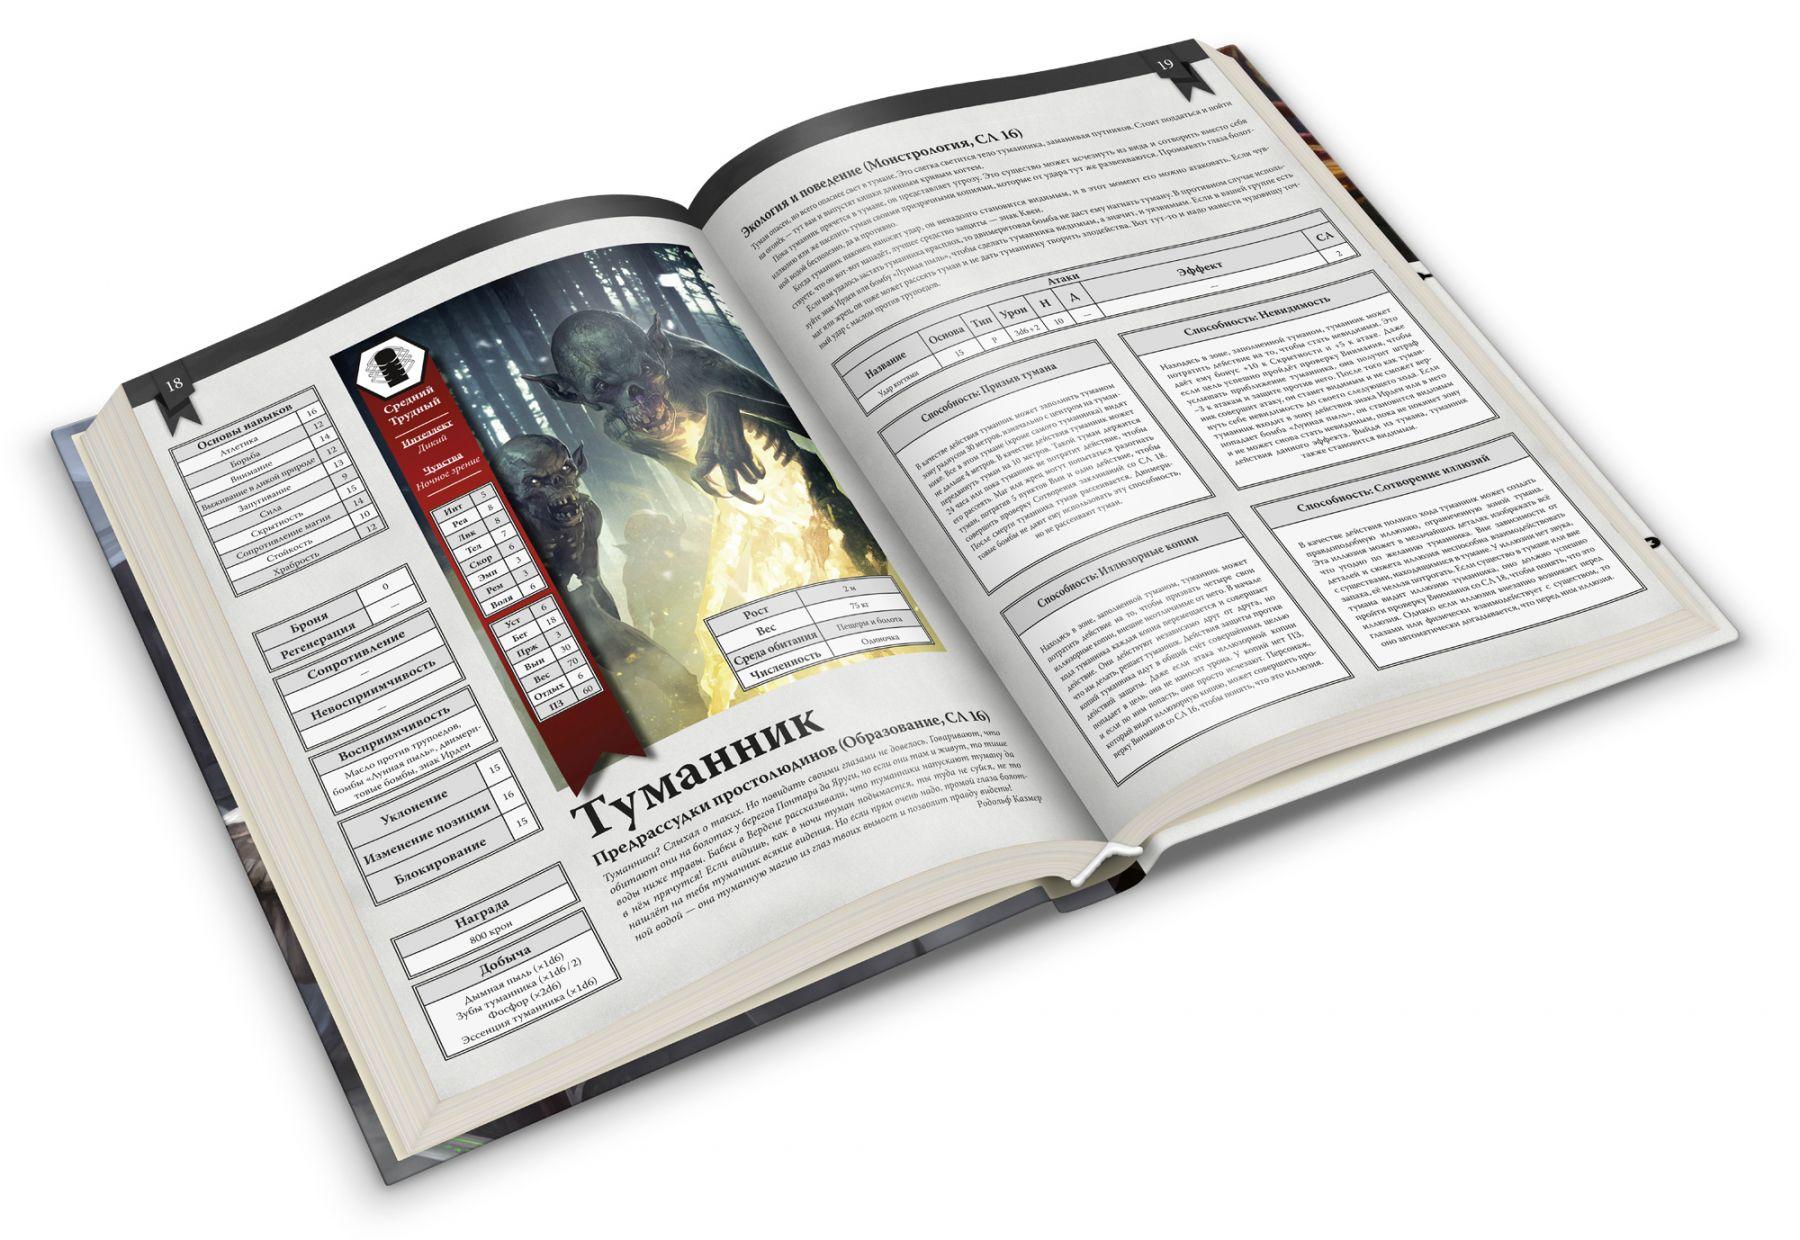 Ведьмак. Настольная ролевая игра: Дневник охотника на чудовищ